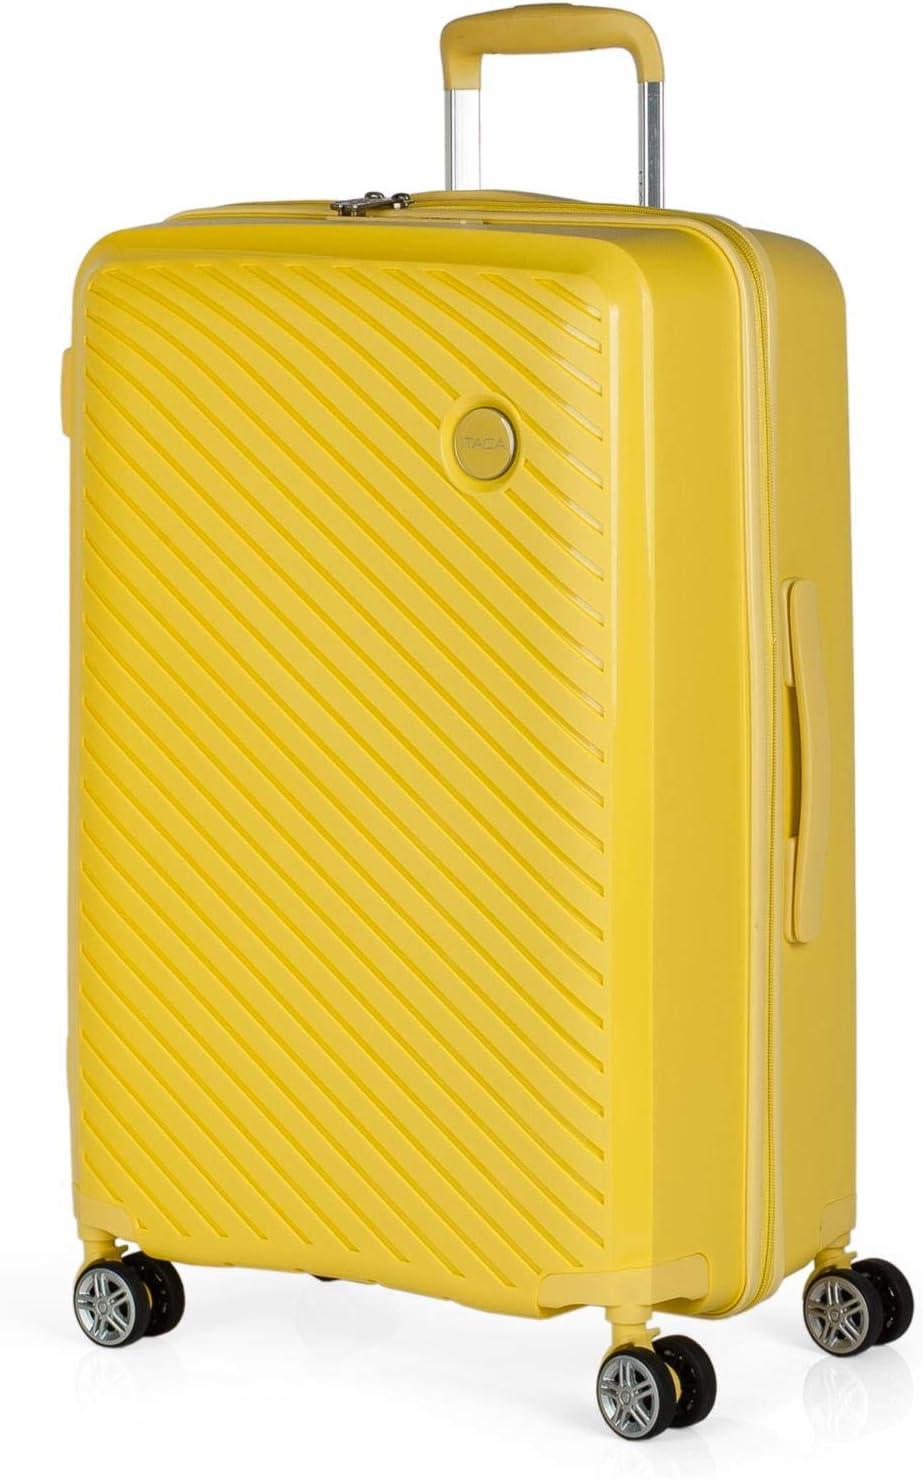 ITACA - Maleta de Viaje Mediana 4 Ruedas Trolley. 65 cm Rígida de Polipropileno. Resistente Práctica Cómoda Ligera Marca. Candado TSA. 760060, Color Amarillo